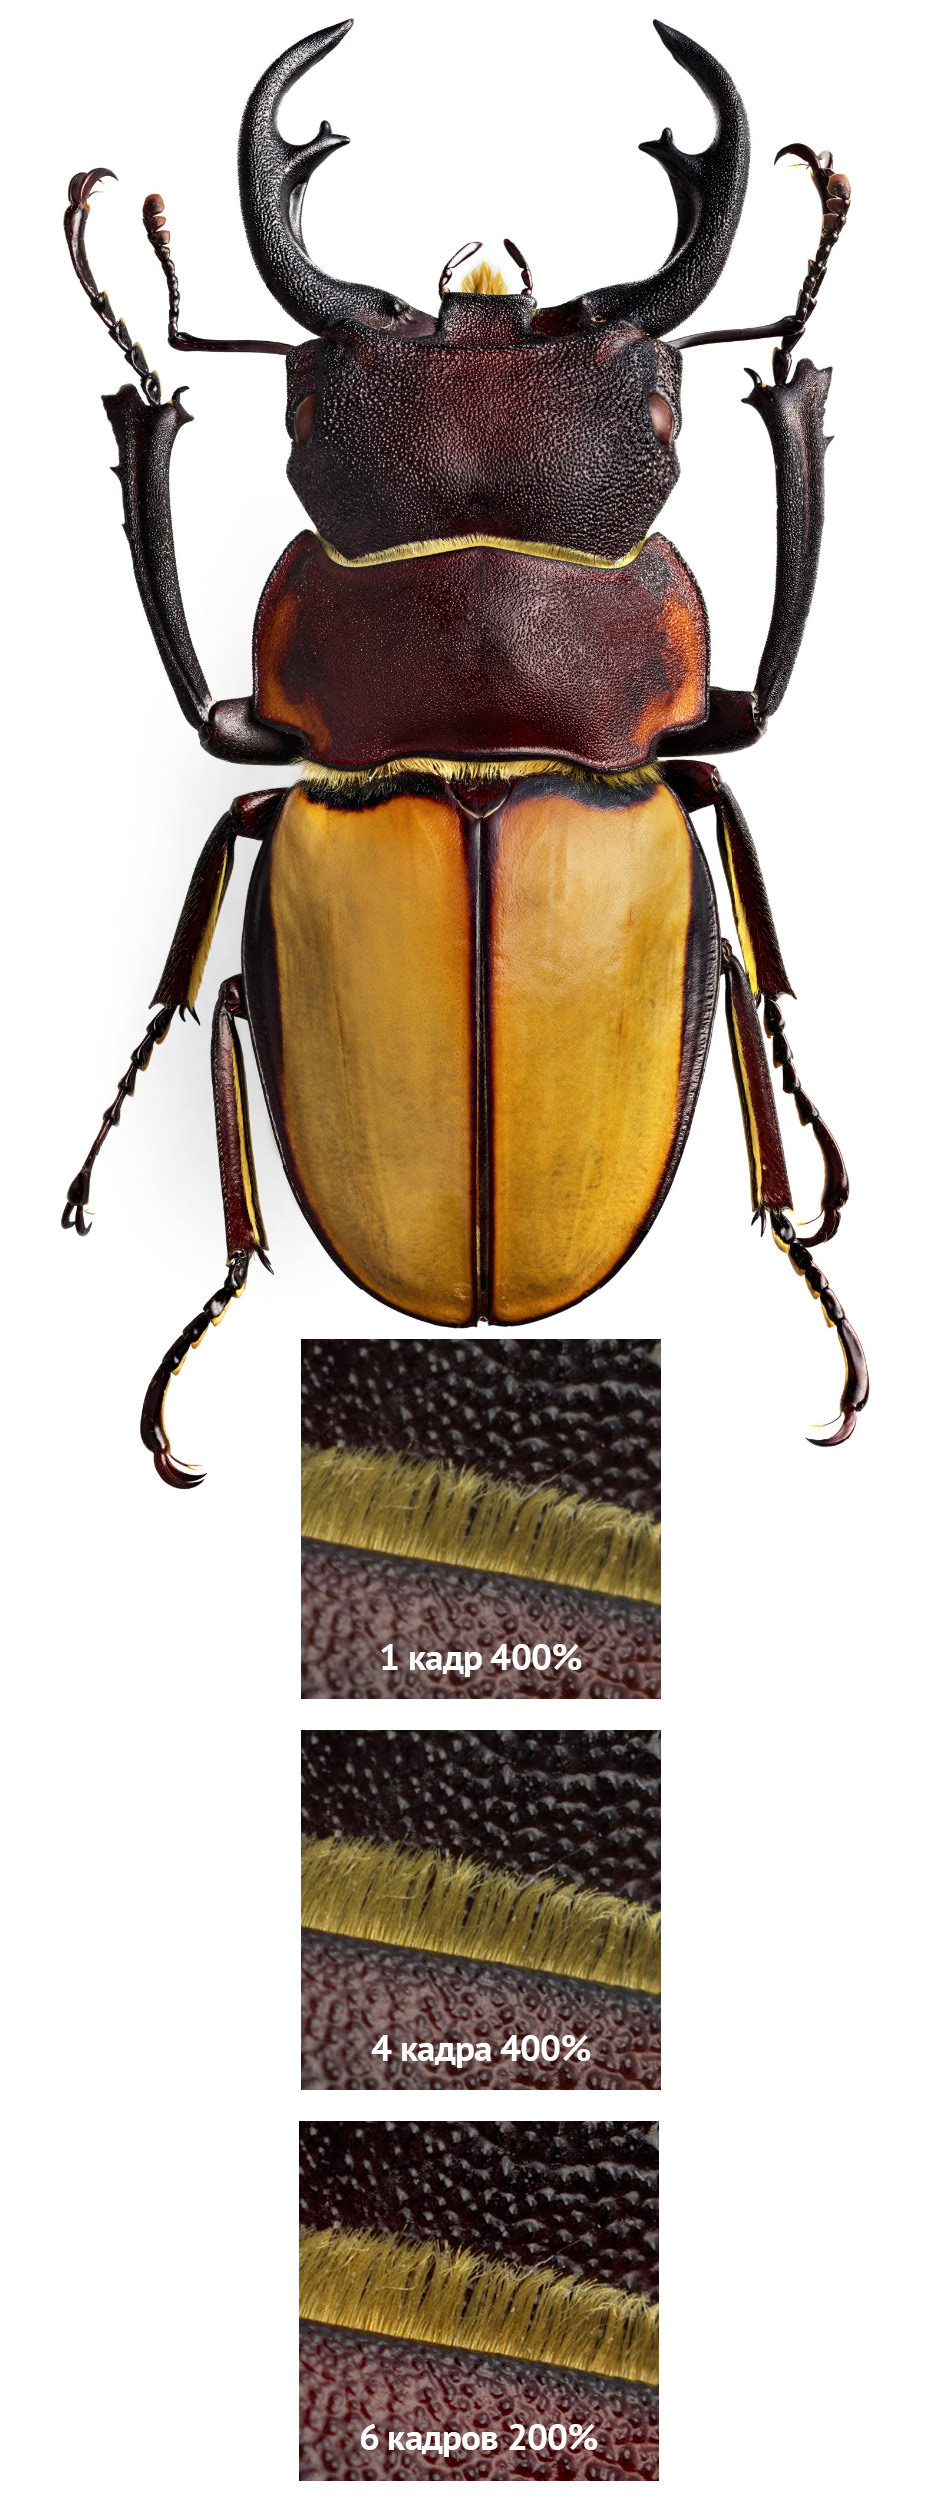 макро фотография жука на белом фоне с новой цифровой фотокамеры Hasselblad H6D-400c MS среднего формата